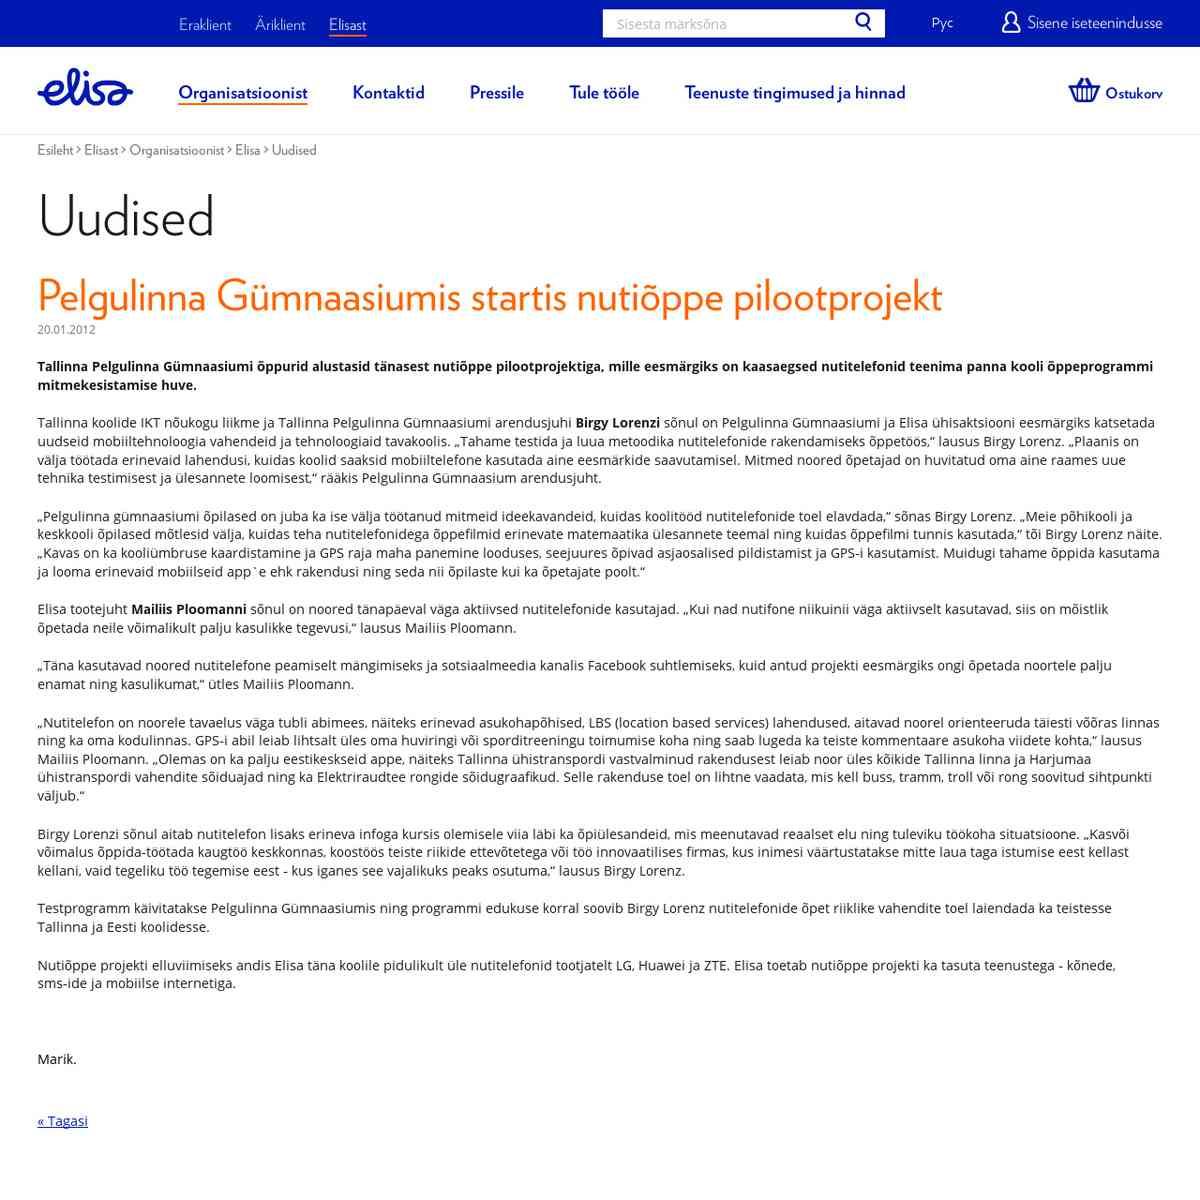 Elisa M-õppe projekt Pelgulinnas